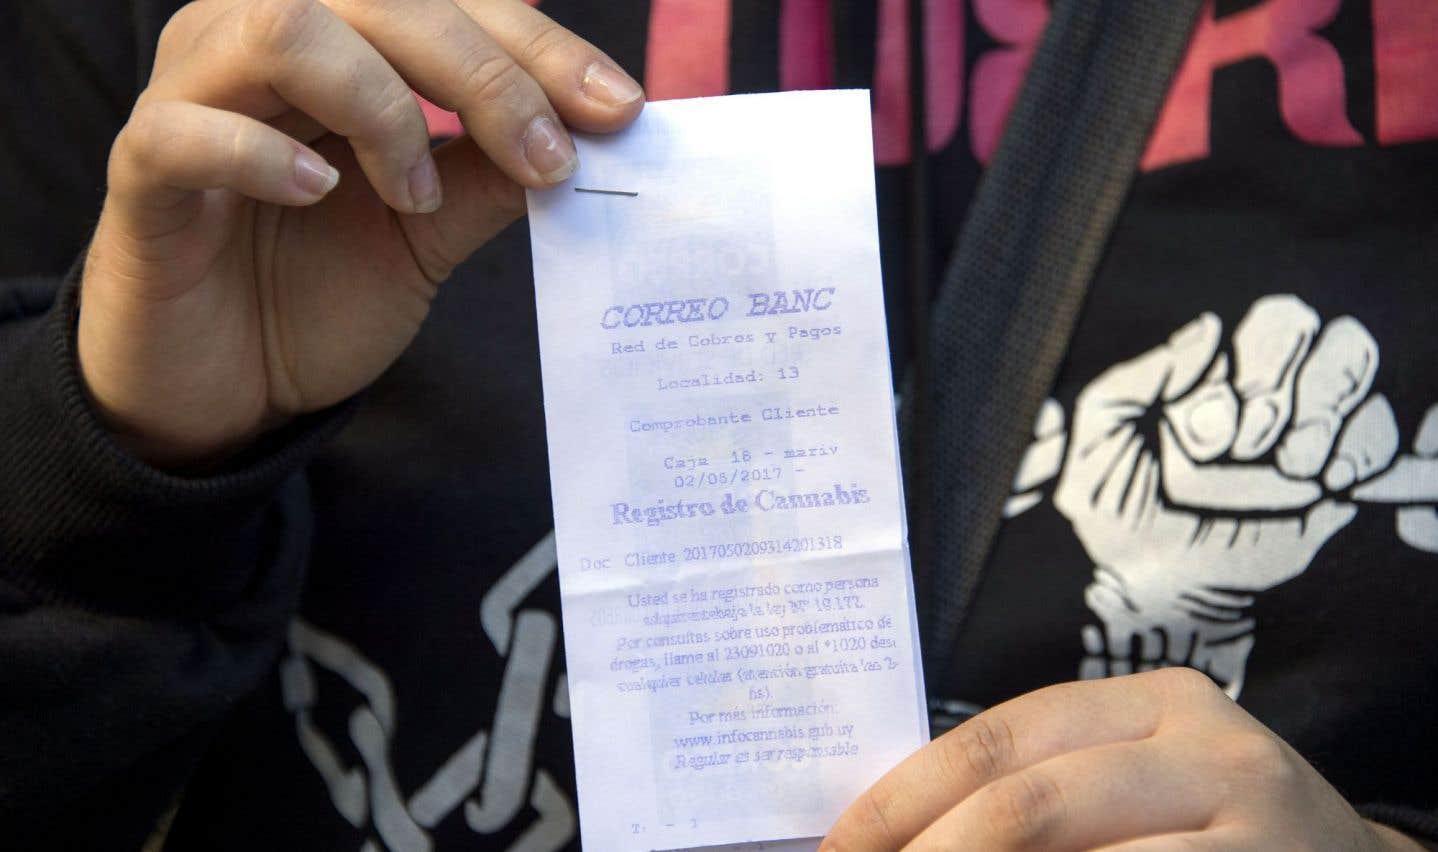 En juillet, l'Uruguay sera le premier pays à vendre en pharmacie du cannabis à usage récréatif à des personnes enregistrées.